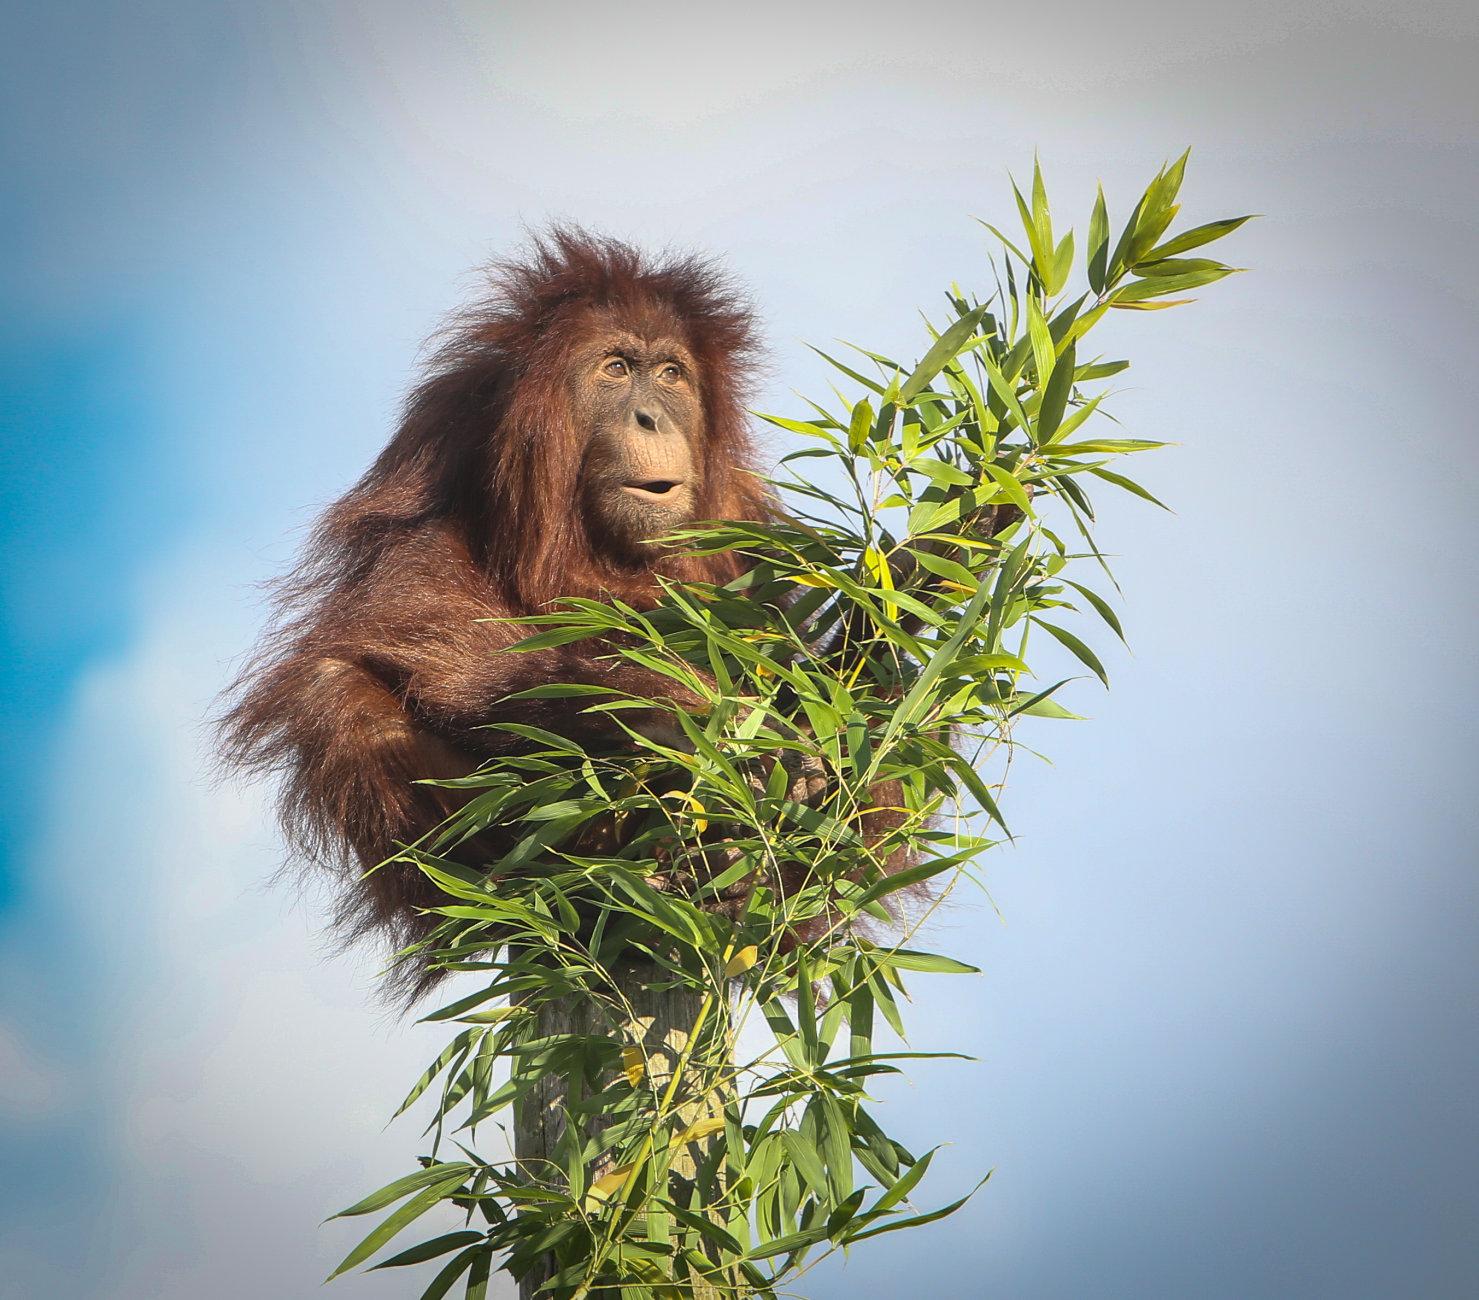 A beautiful Orangutan